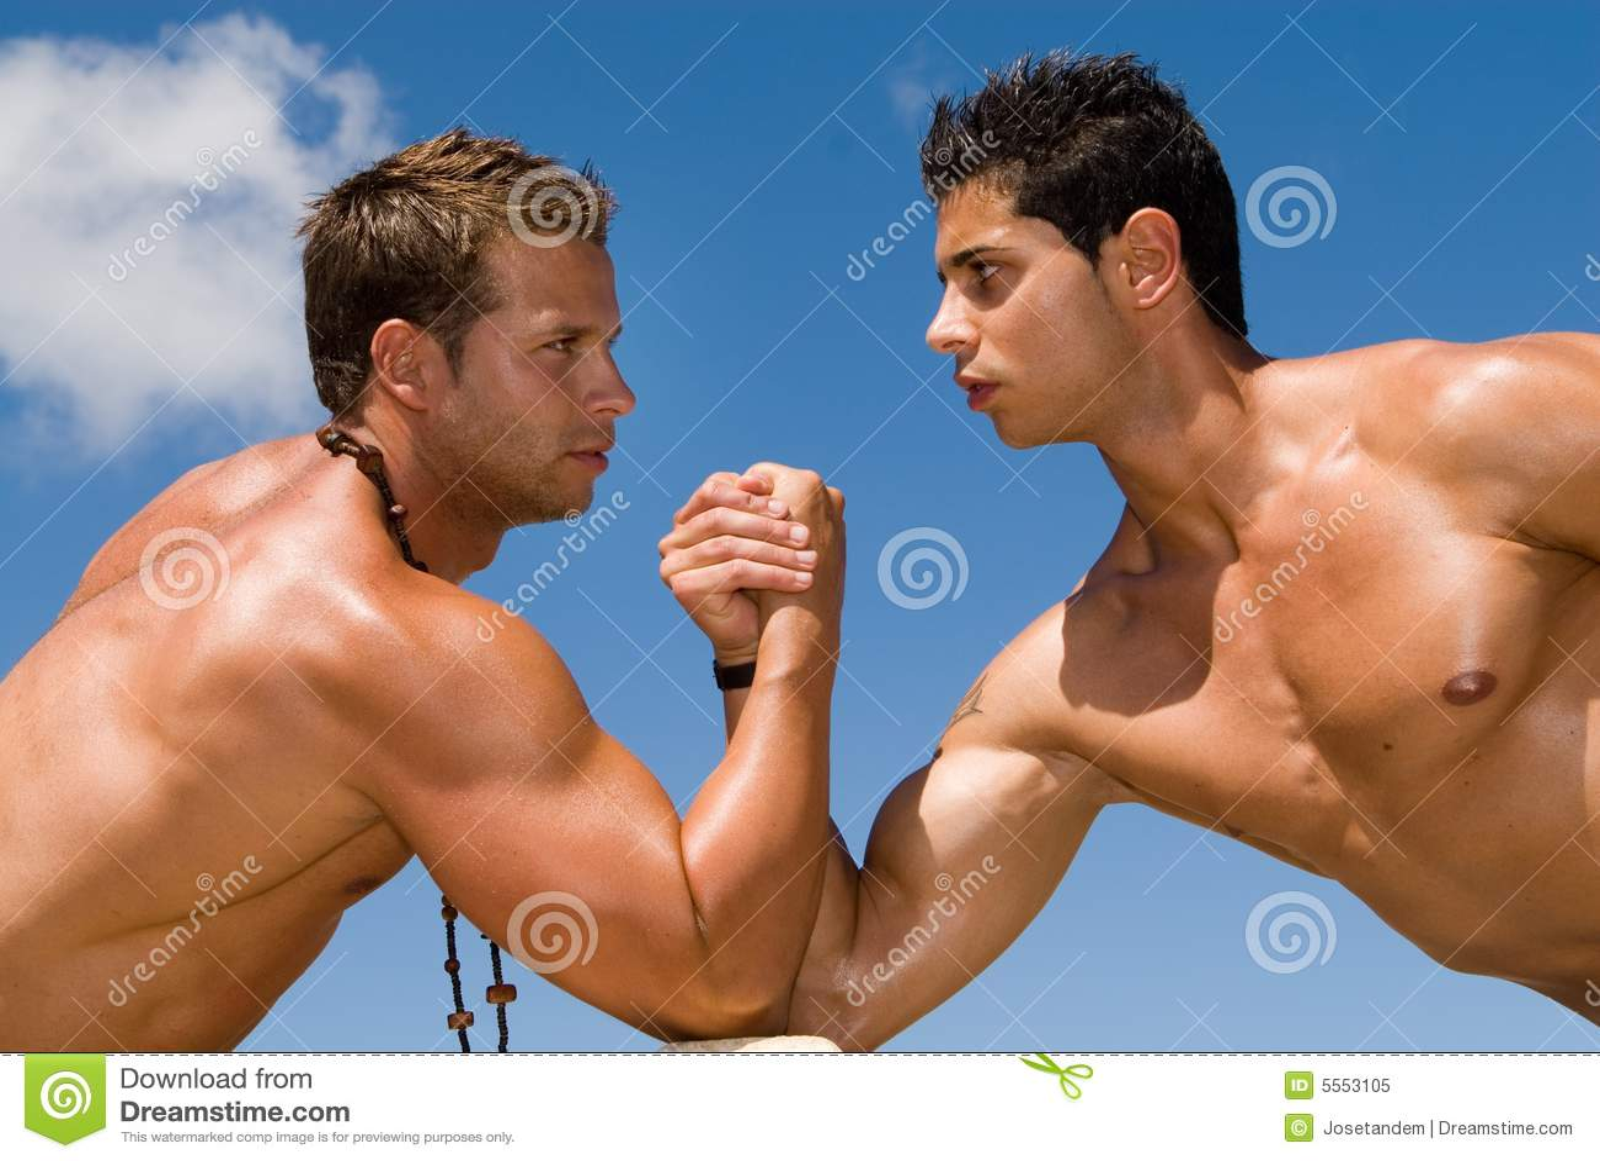 ... de archivo libre de regalías: Hombres musculosos bajo el cielo azul